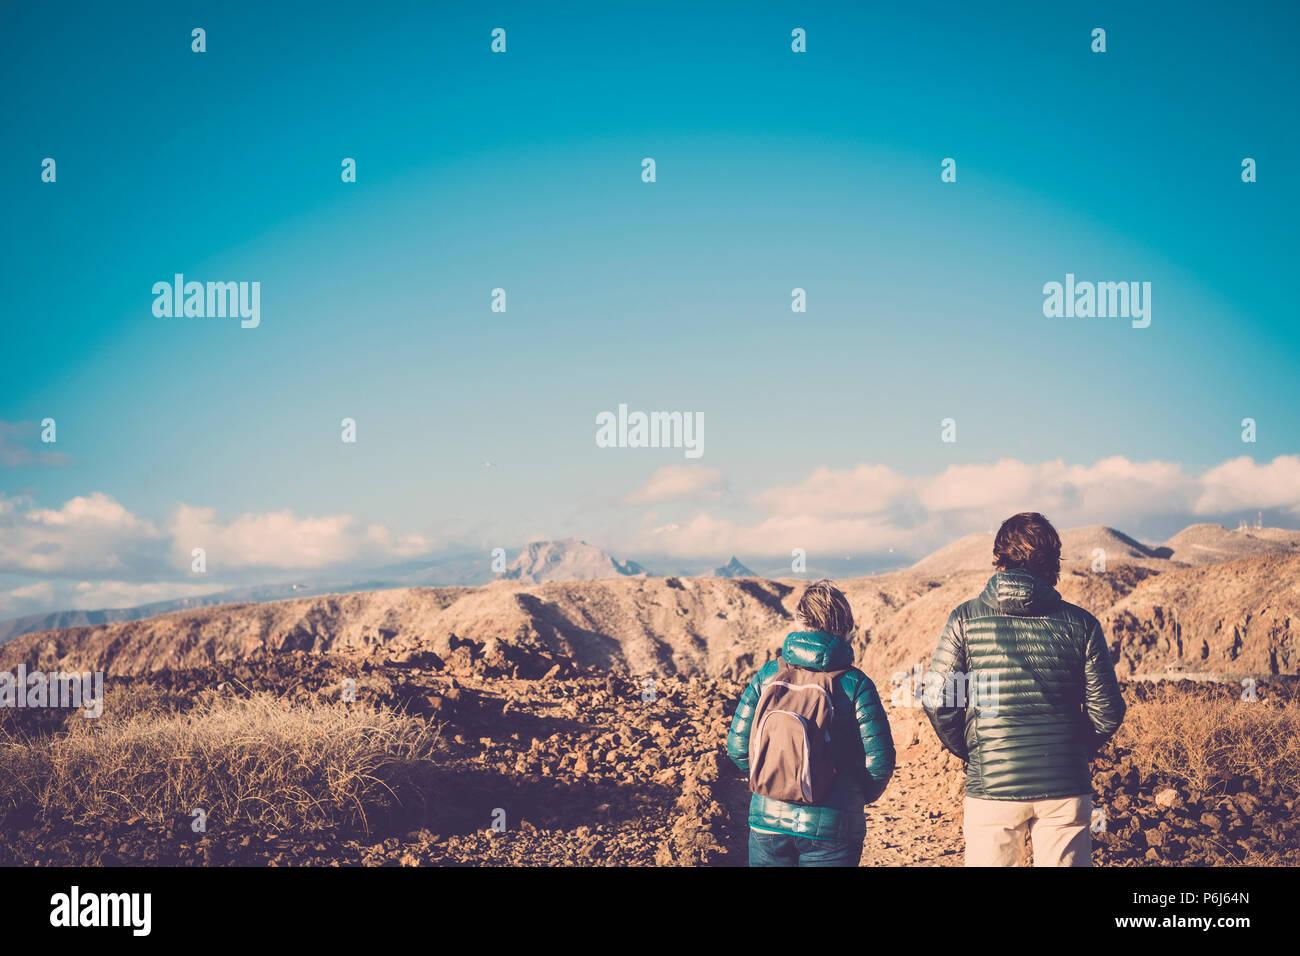 Ältere Mutter und 45-jährige Sohn verbringen die Zeit zusammen zu Fuß auf einem isolierten Weg dabei einige trekking Aktivität auf Berge im Sommer in der Sonne Stockbild